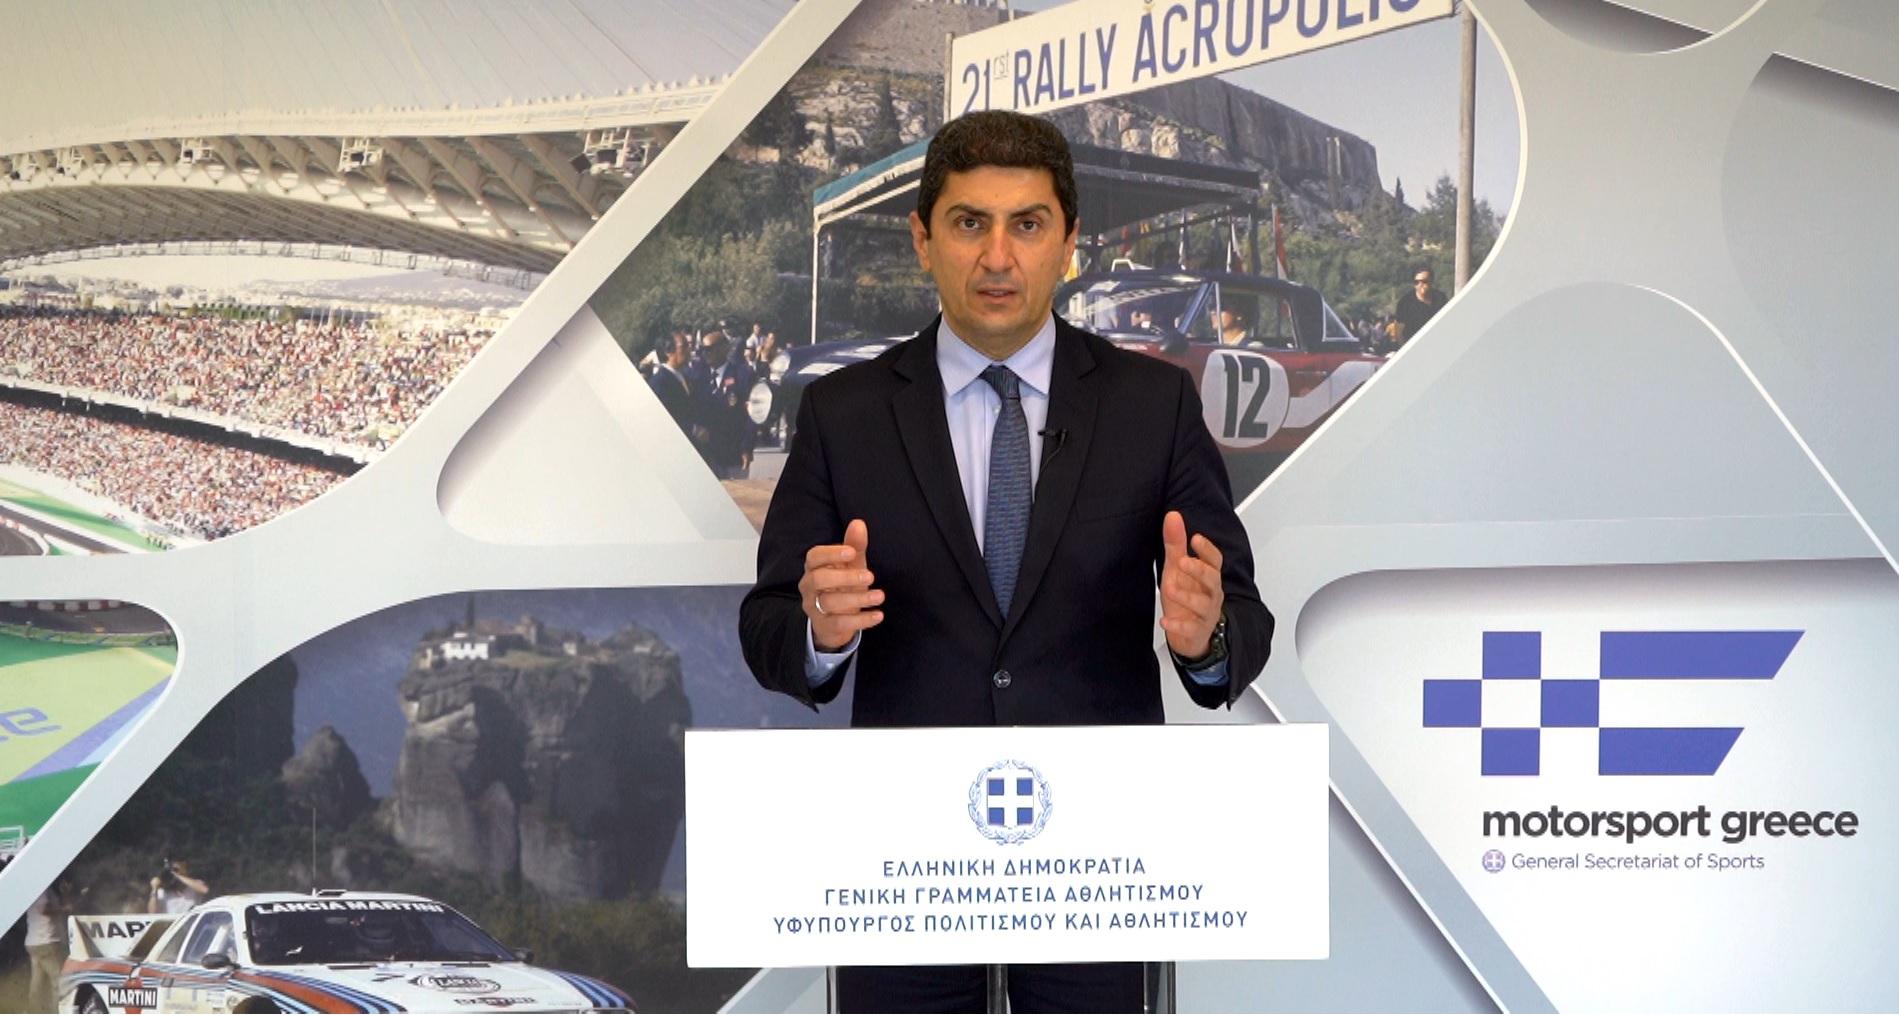 Το Παγκόσμιο Πρωτάθλημα Ράλλυ (WRC) επιστρέφει στην Ελλάδα